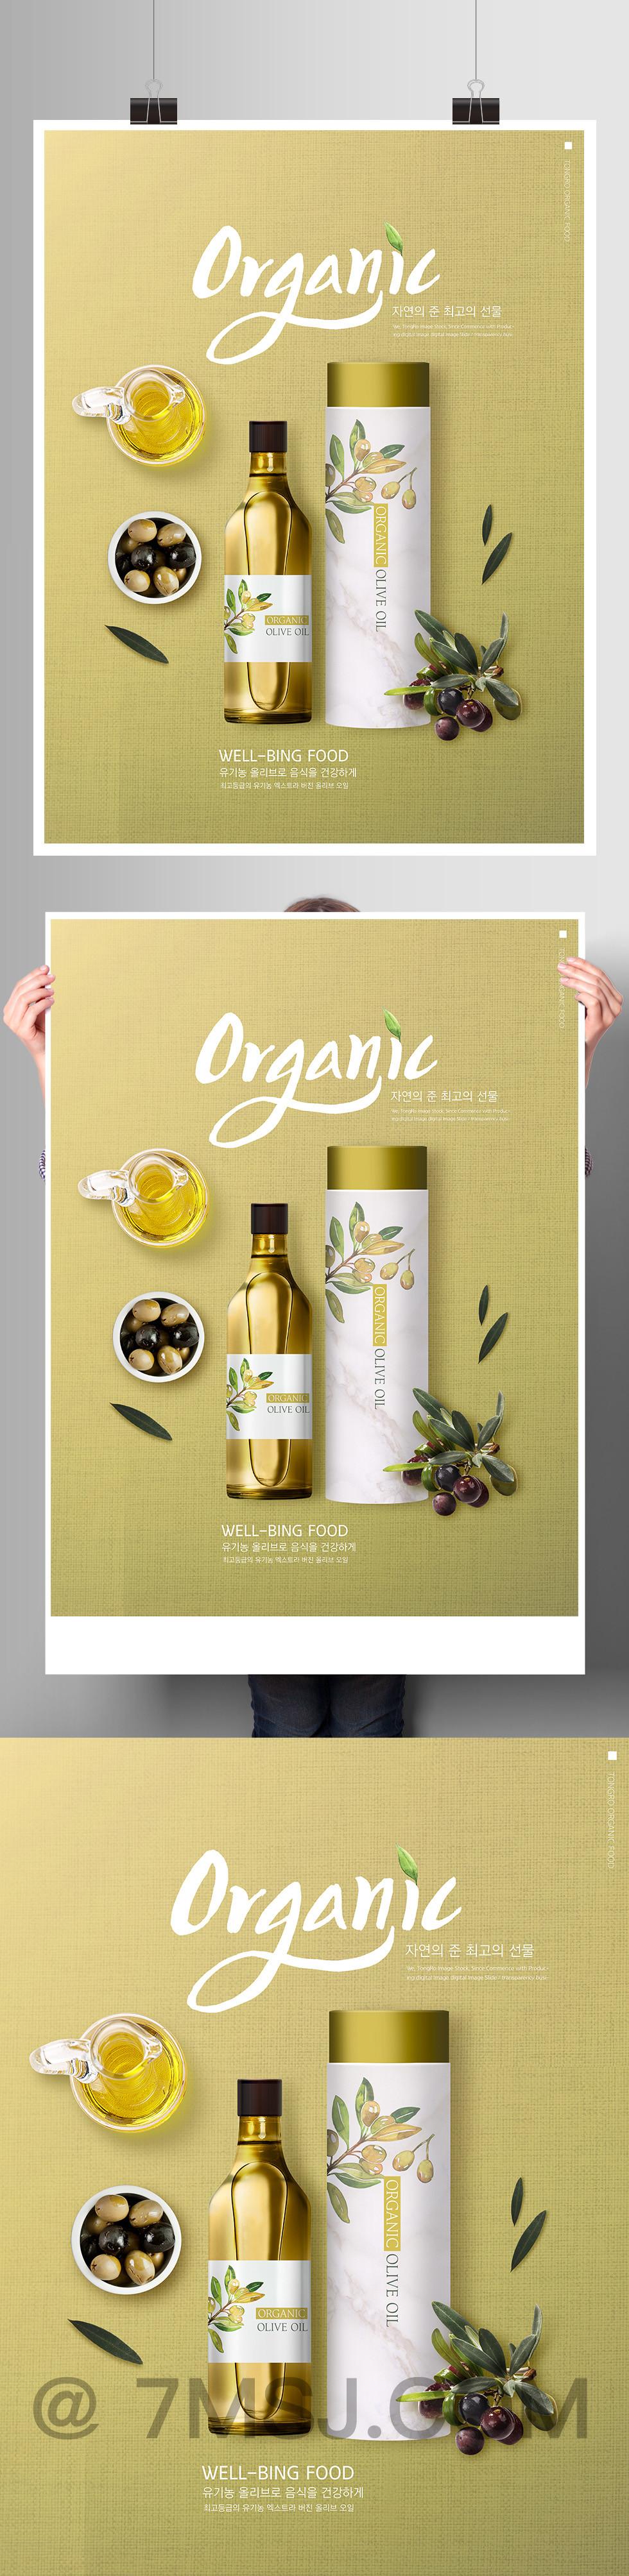 简约绿色橄榄油促销海报psd